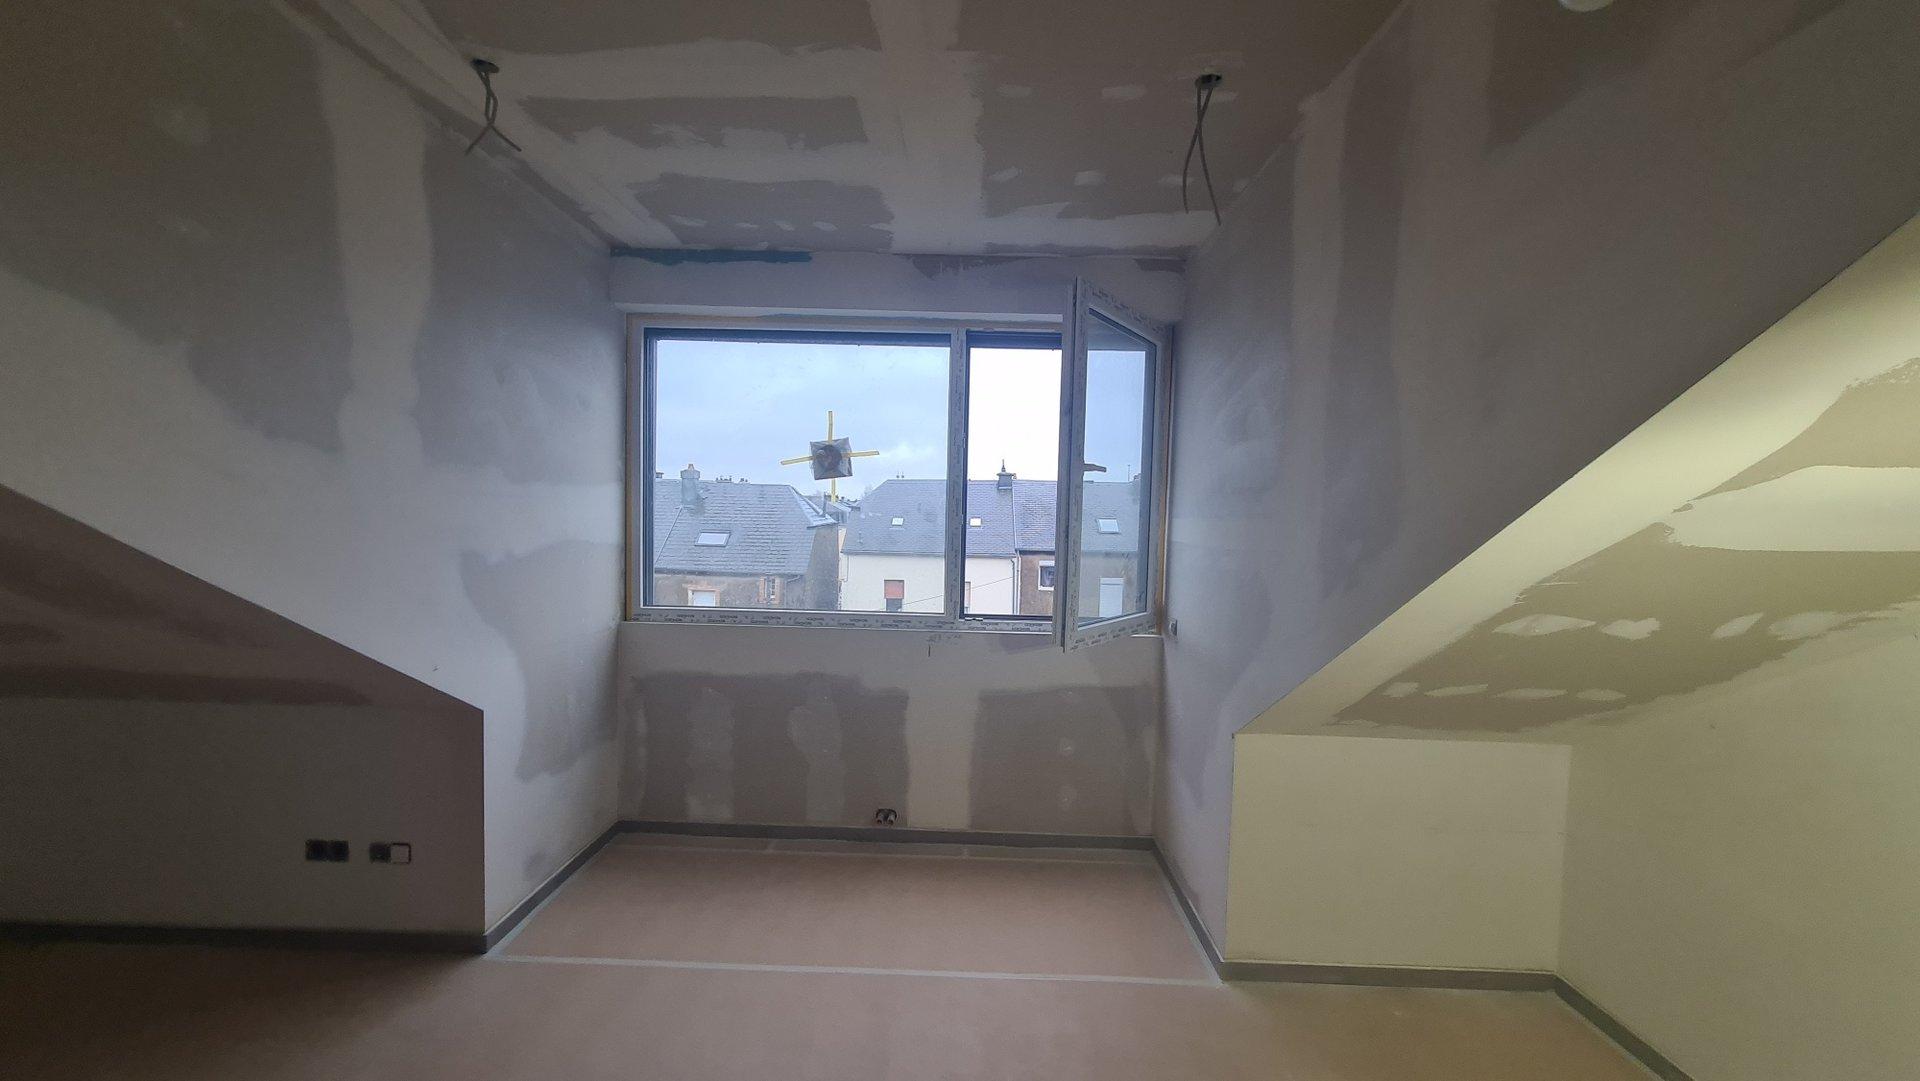 Triplex - 126 m2 habitables - neuf - Pétange